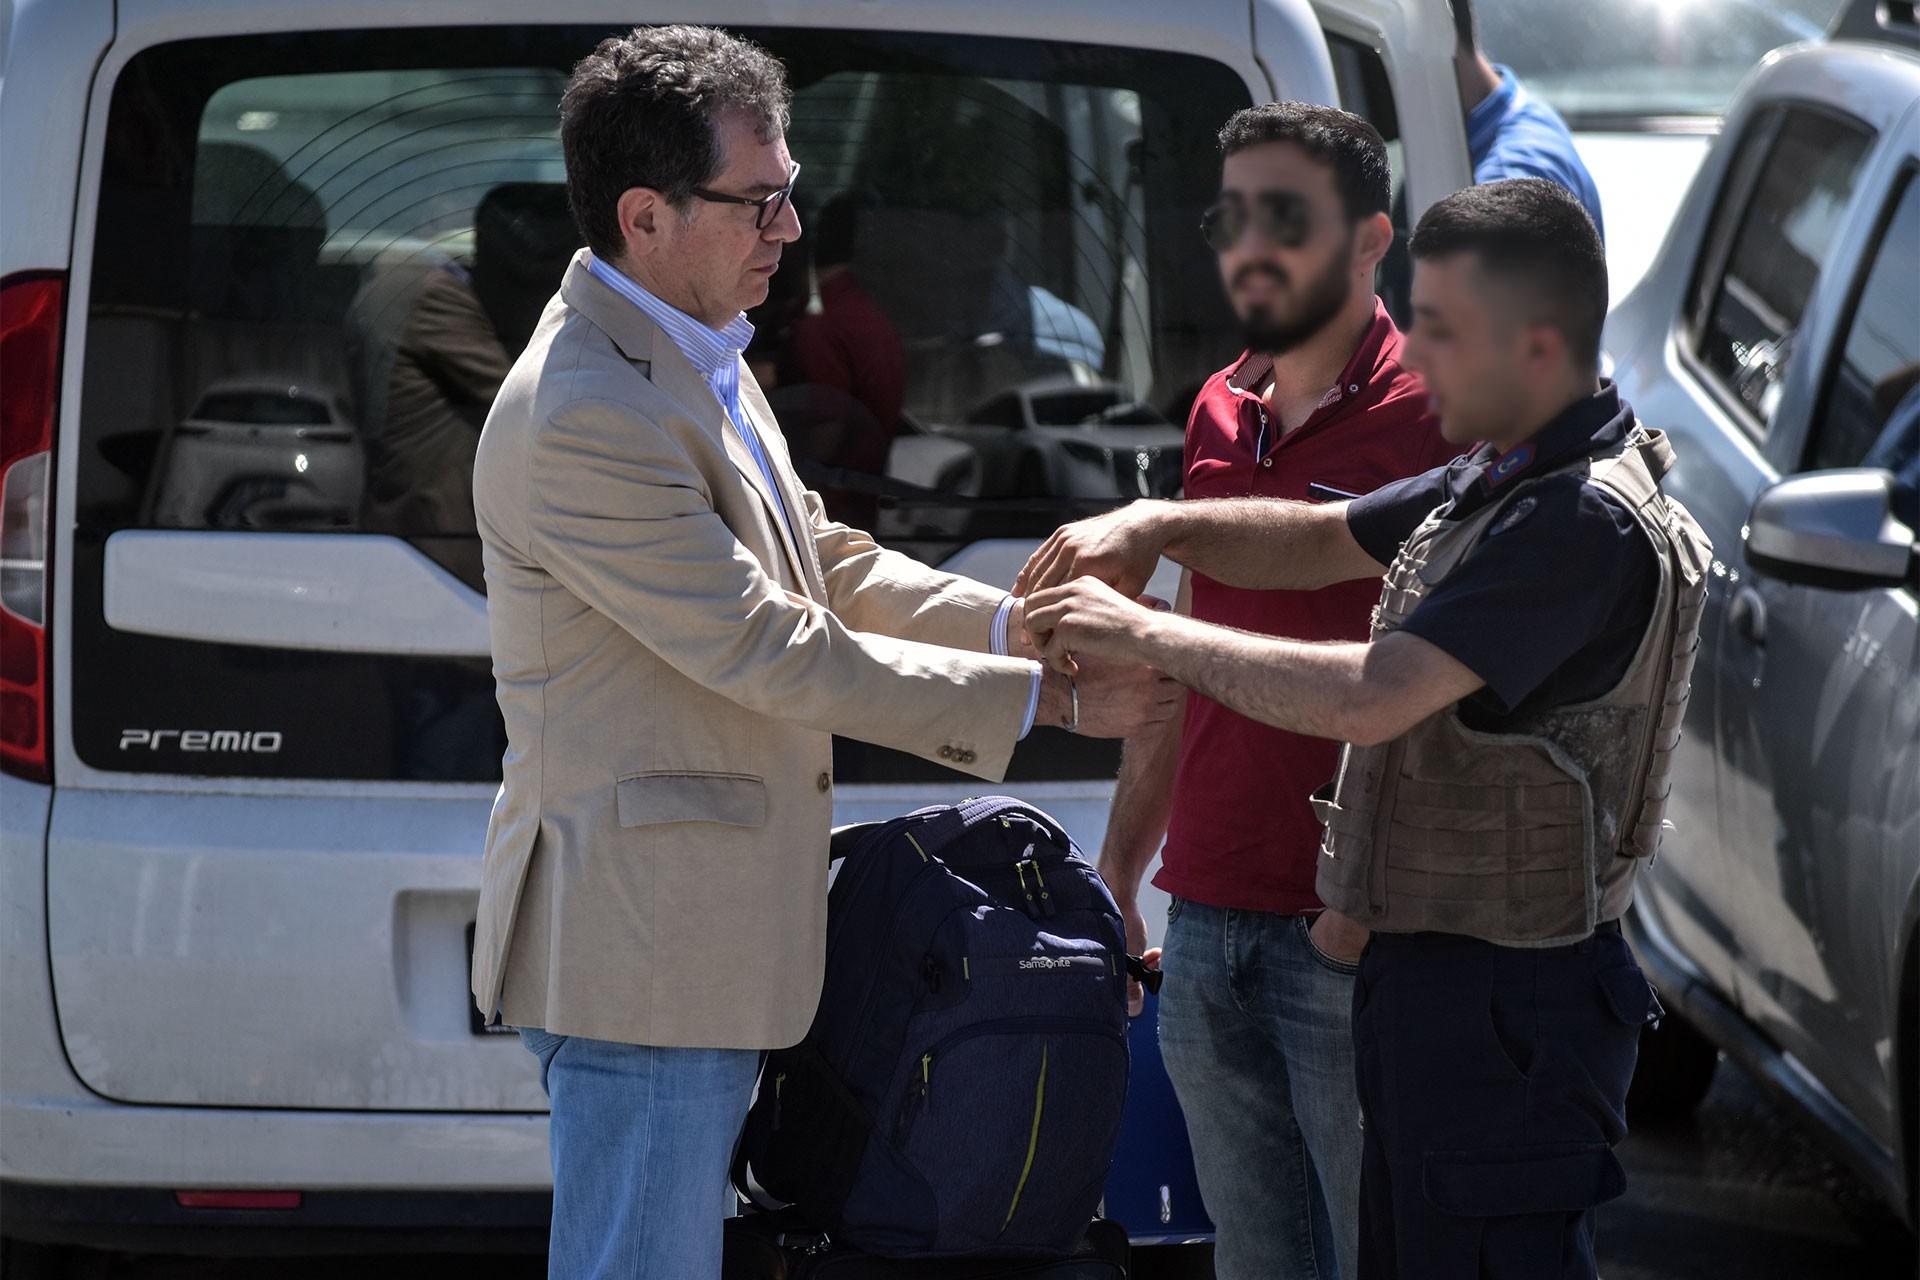 Gazeteci Kadri Gürsel hakkında tahliye kararı verildi